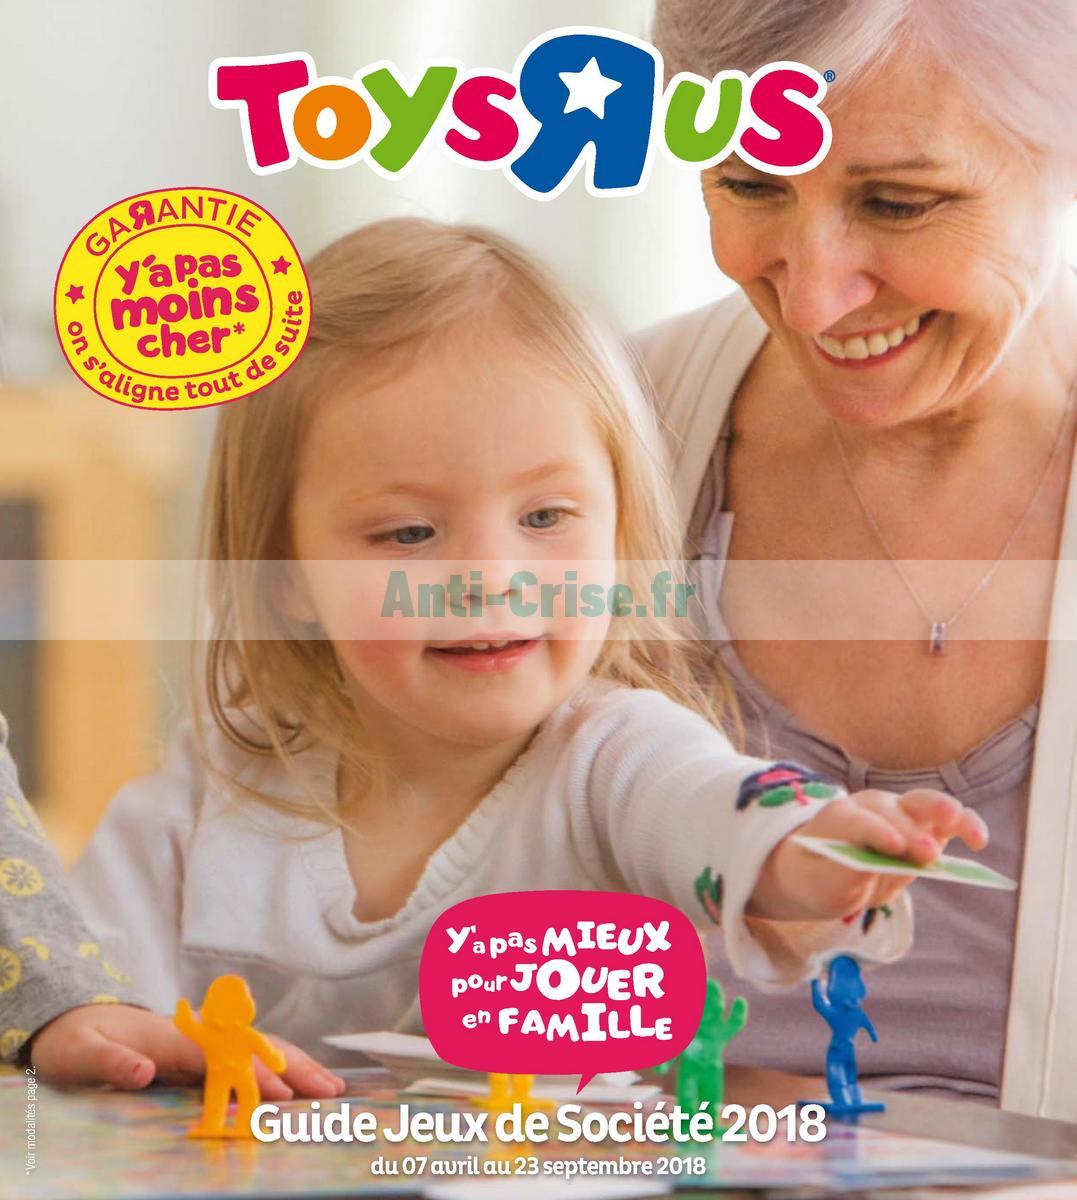 septembre2018 Catalogue Toys R Us du 7 avril au 23 septembre 2018 (Jeux de Société) (1)